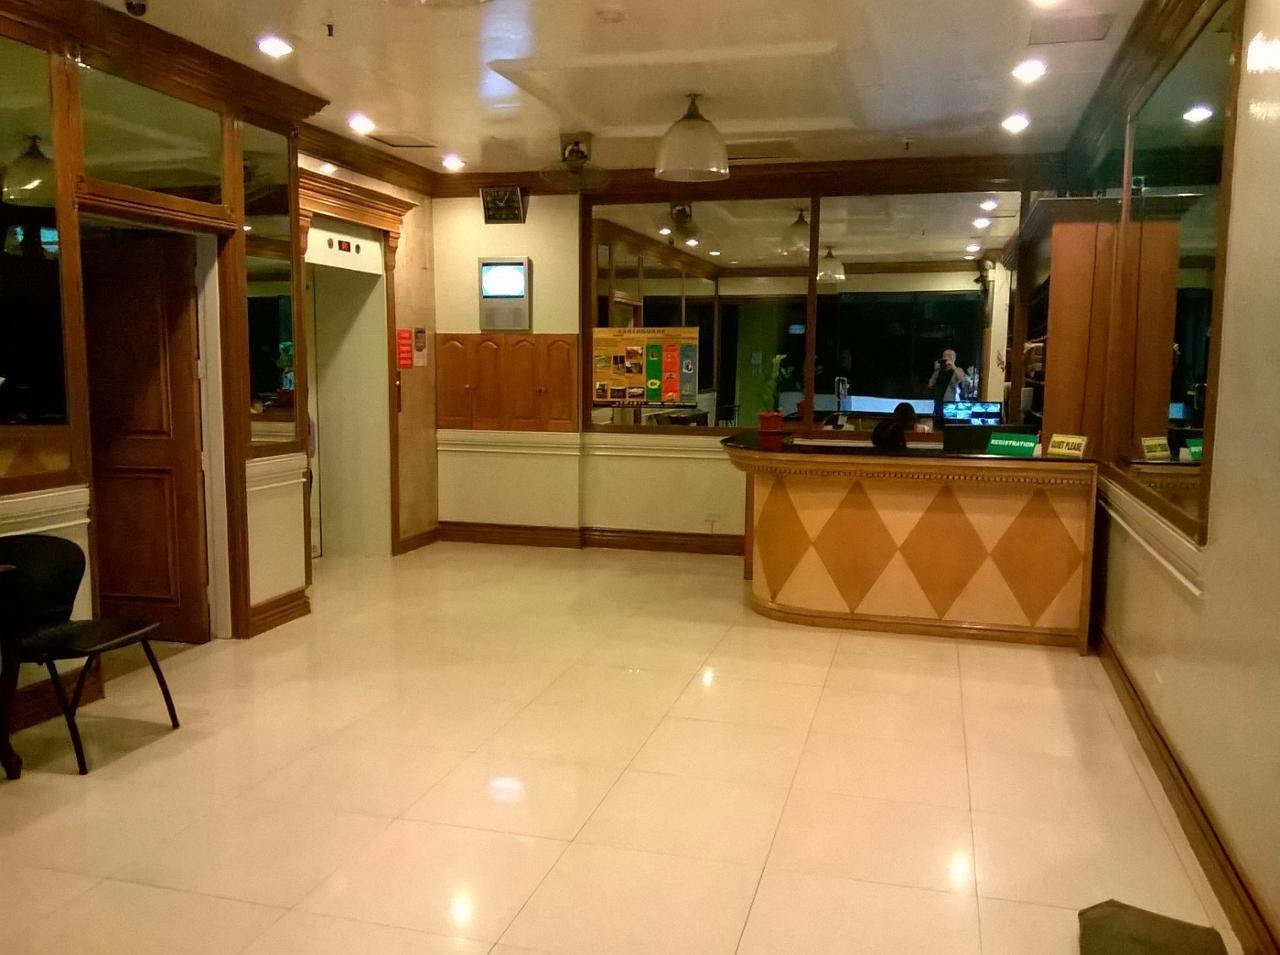 Condominium For Rent in Goldloop Towers Escriva Drive Ortigas Center Pasig, San Antonio, Metro Manila